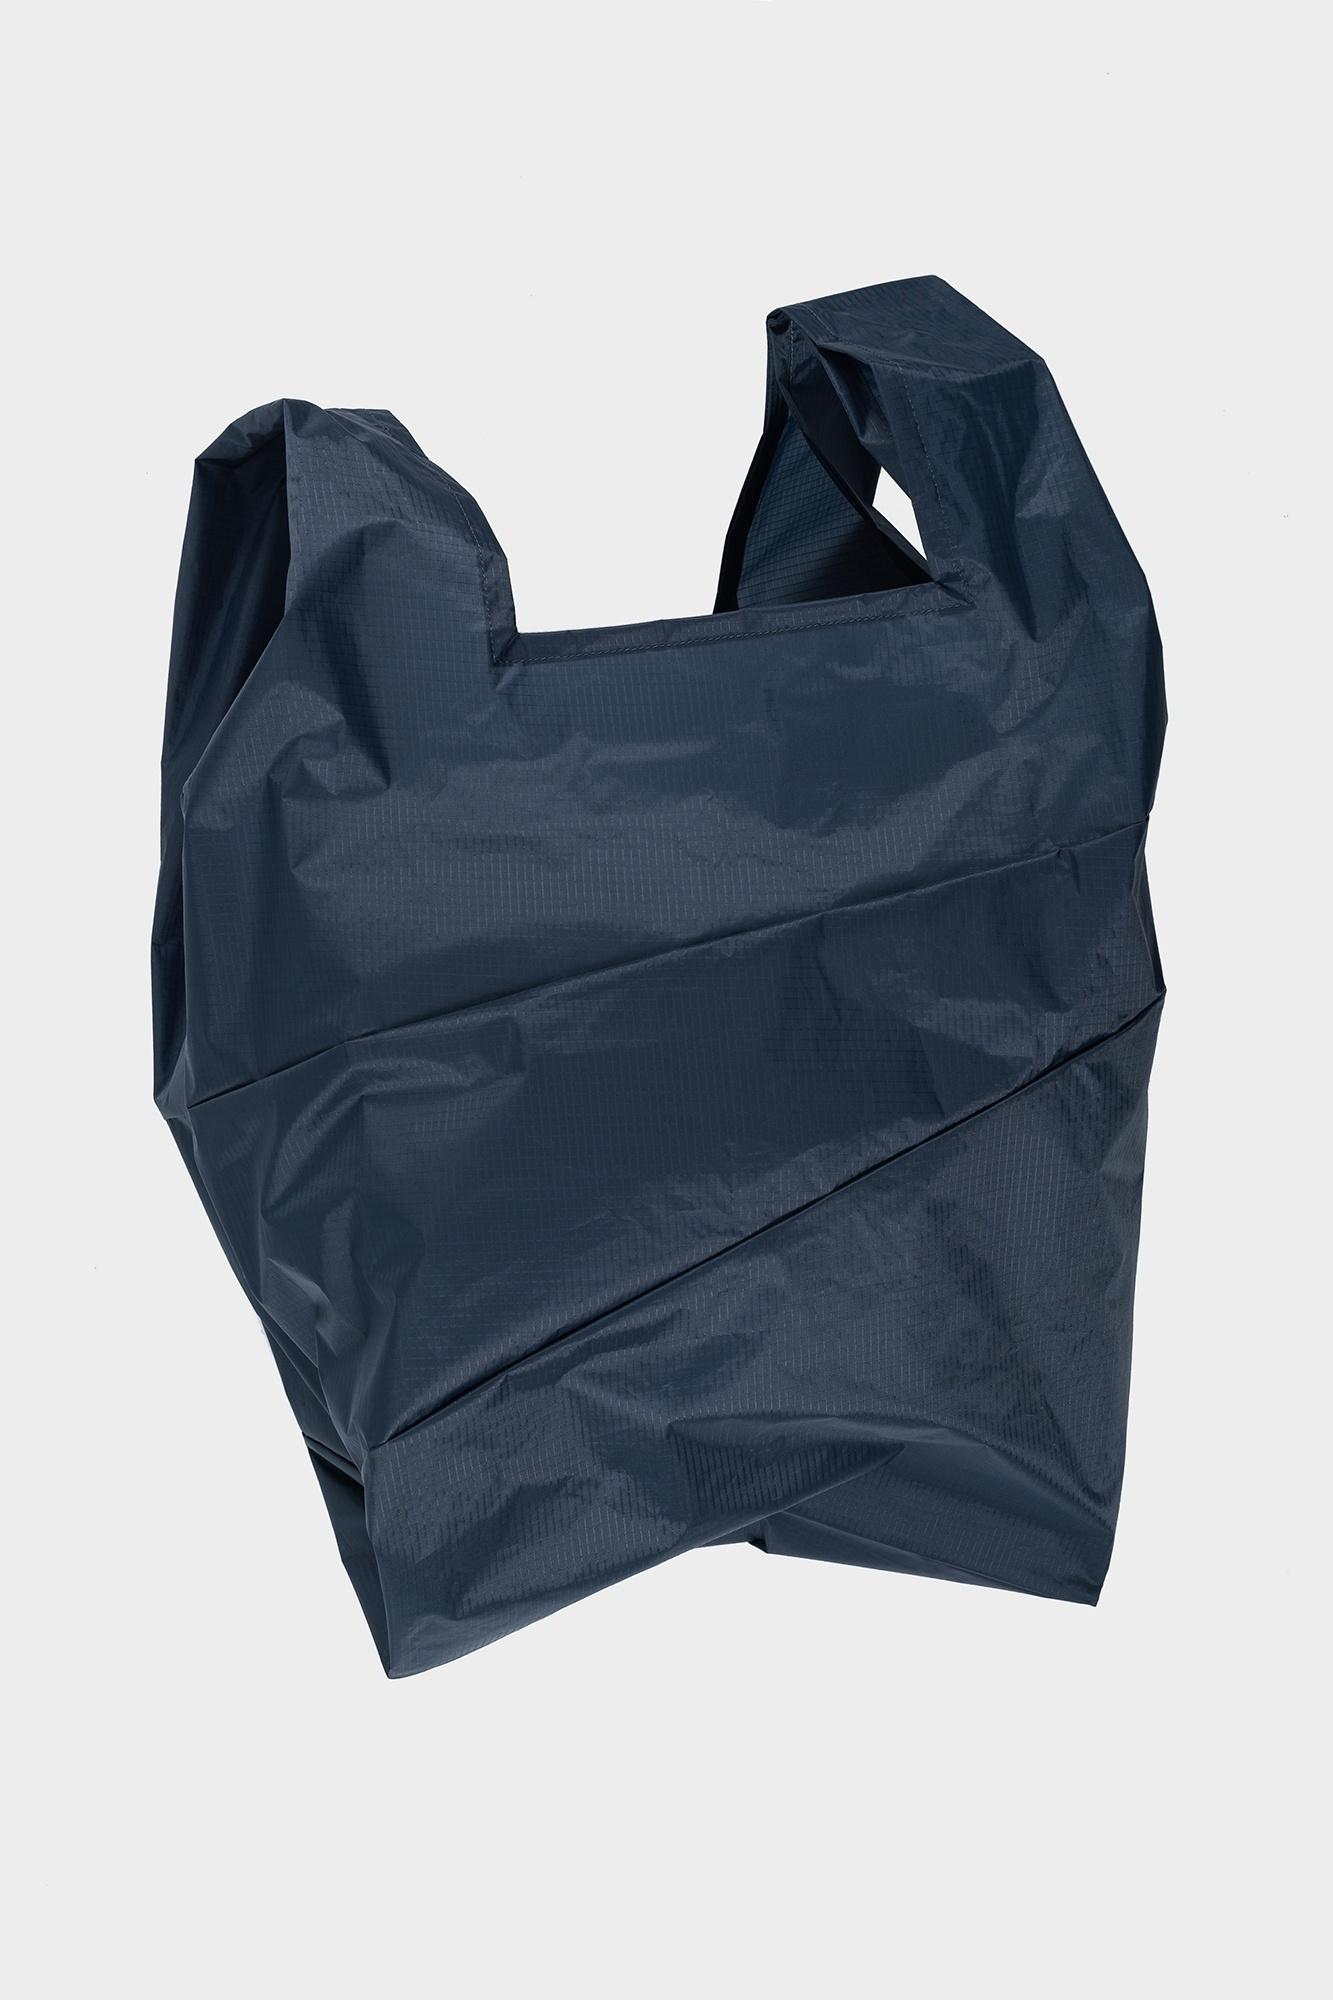 Shoppingbag Tornado & Tornado L